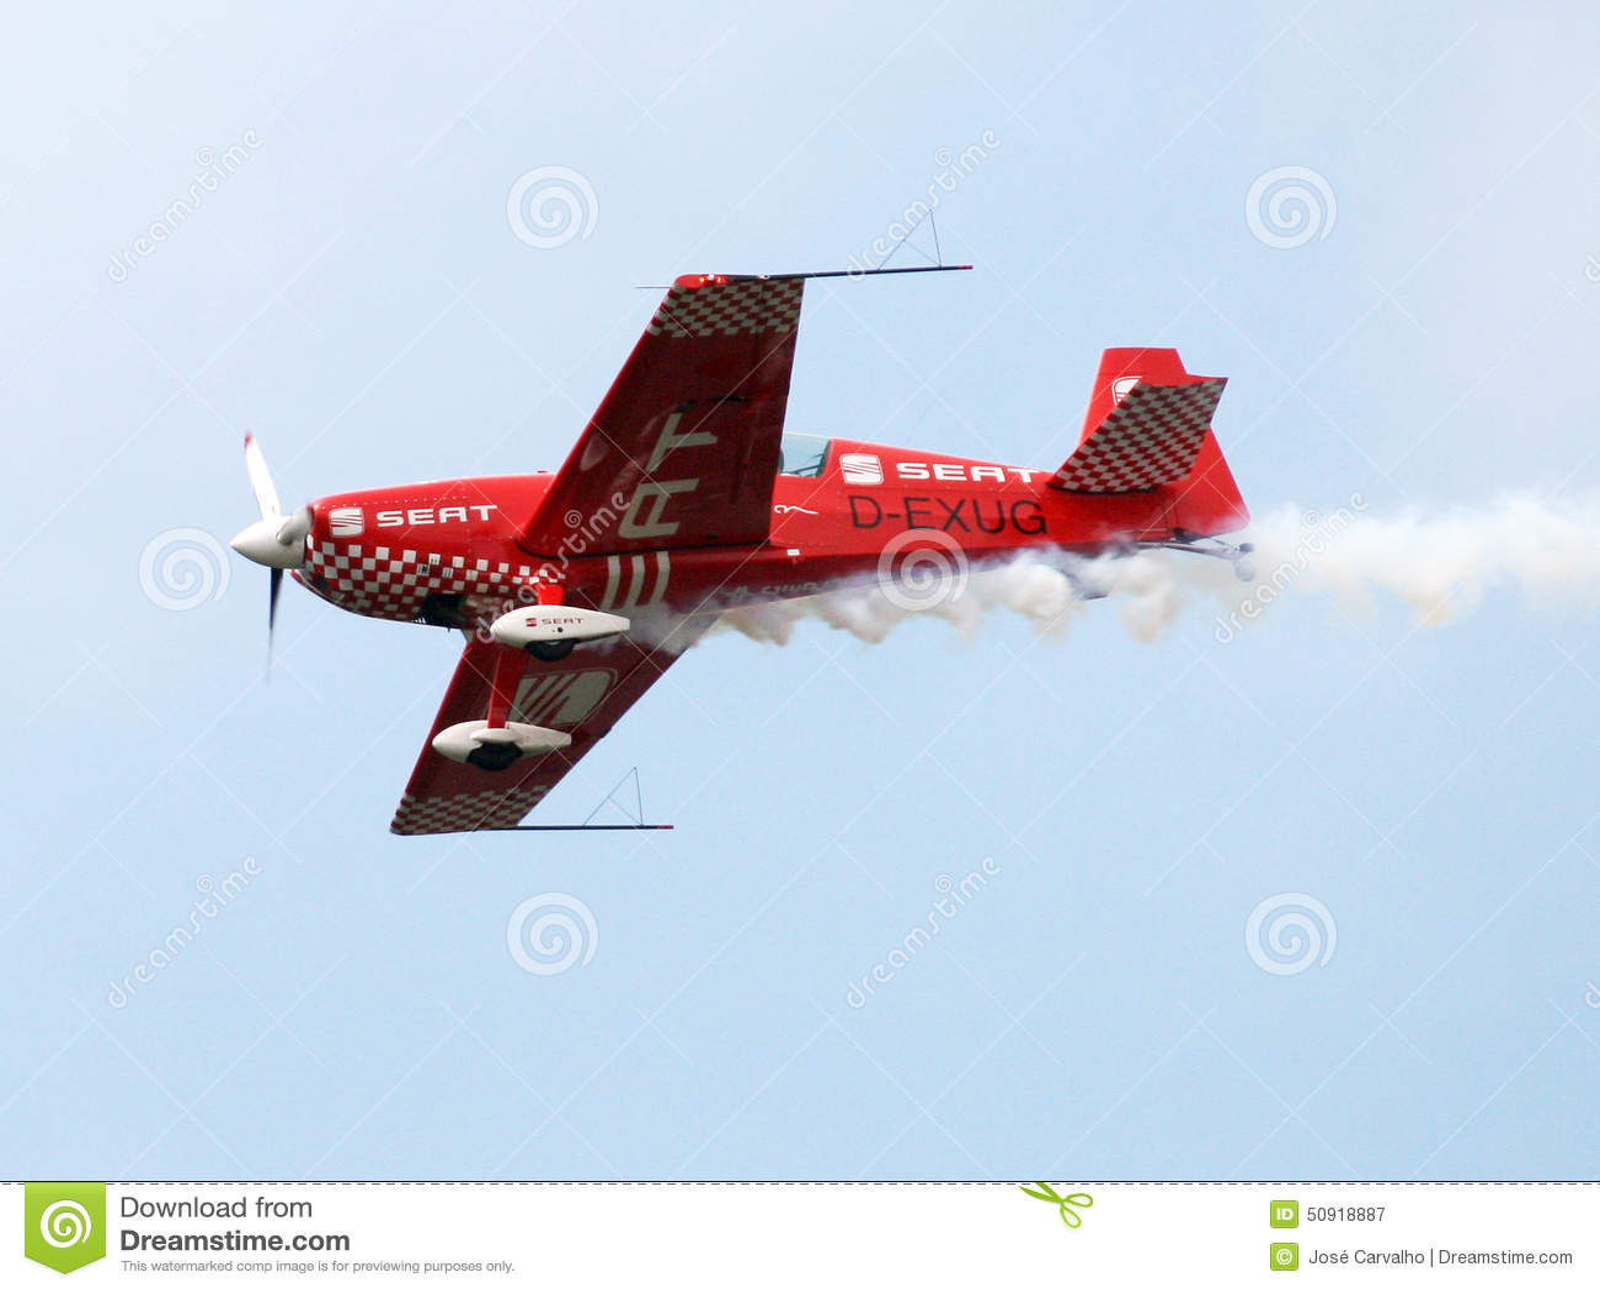 Воздушные судн в полете с выполнением фигур высшего пилотажа в голубых небесах